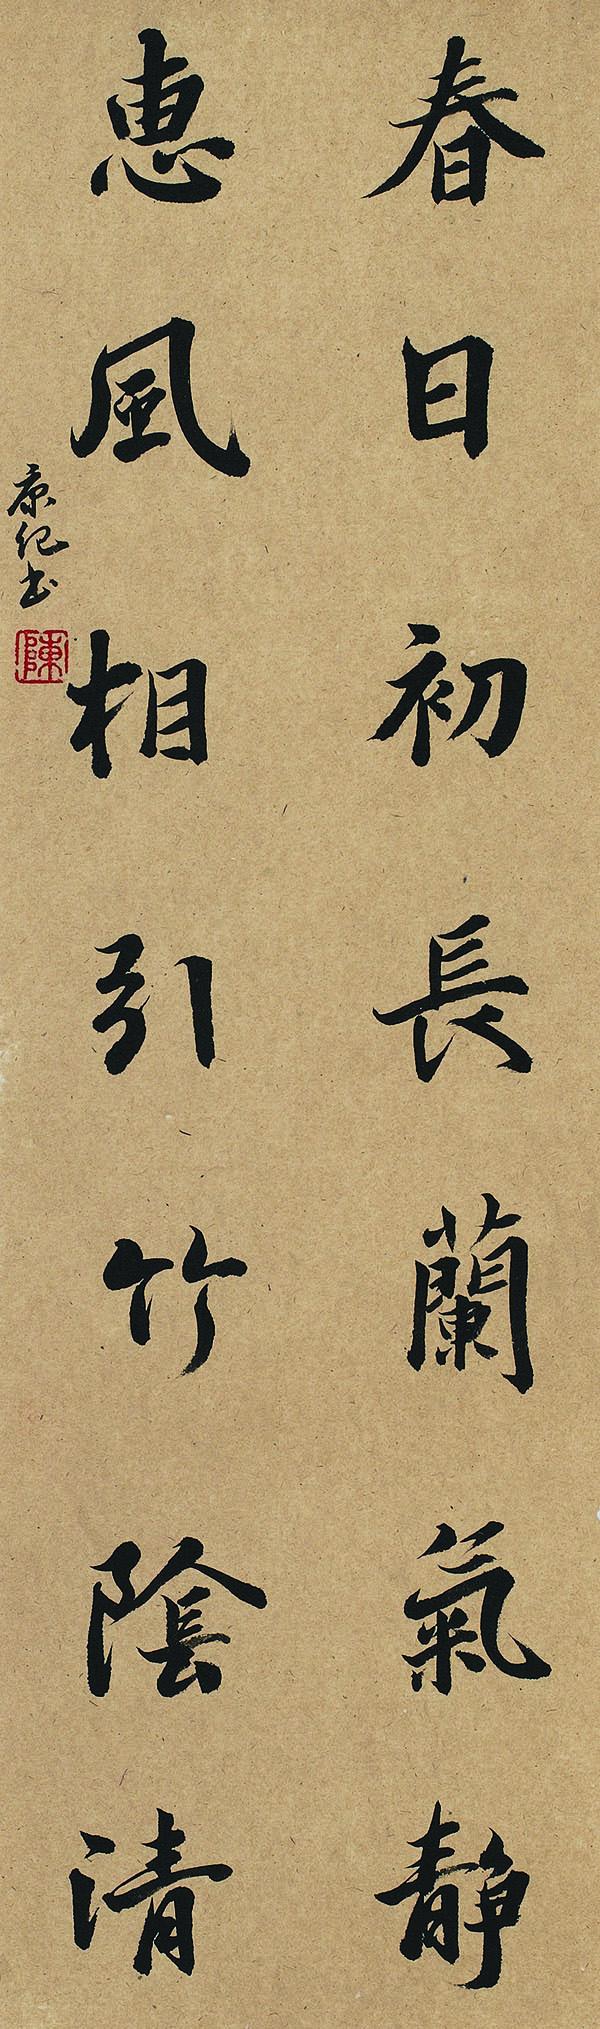 006陈康纪-行书对联-春日惠风联。